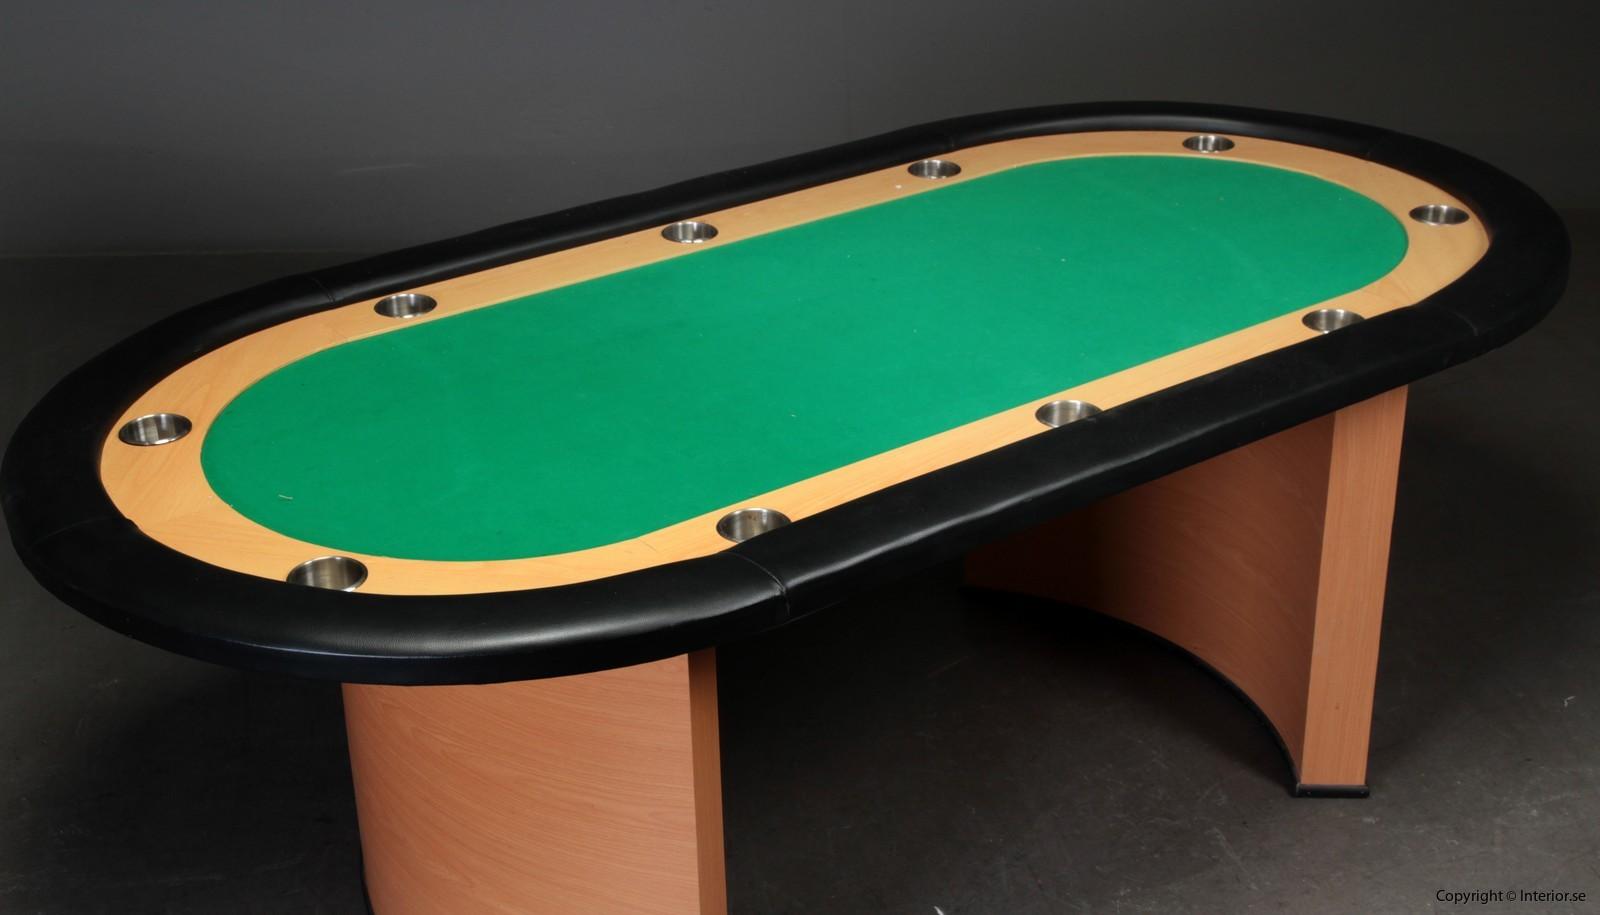 Hyra pokerbord för 12 personer stockholm sverige hyr 3